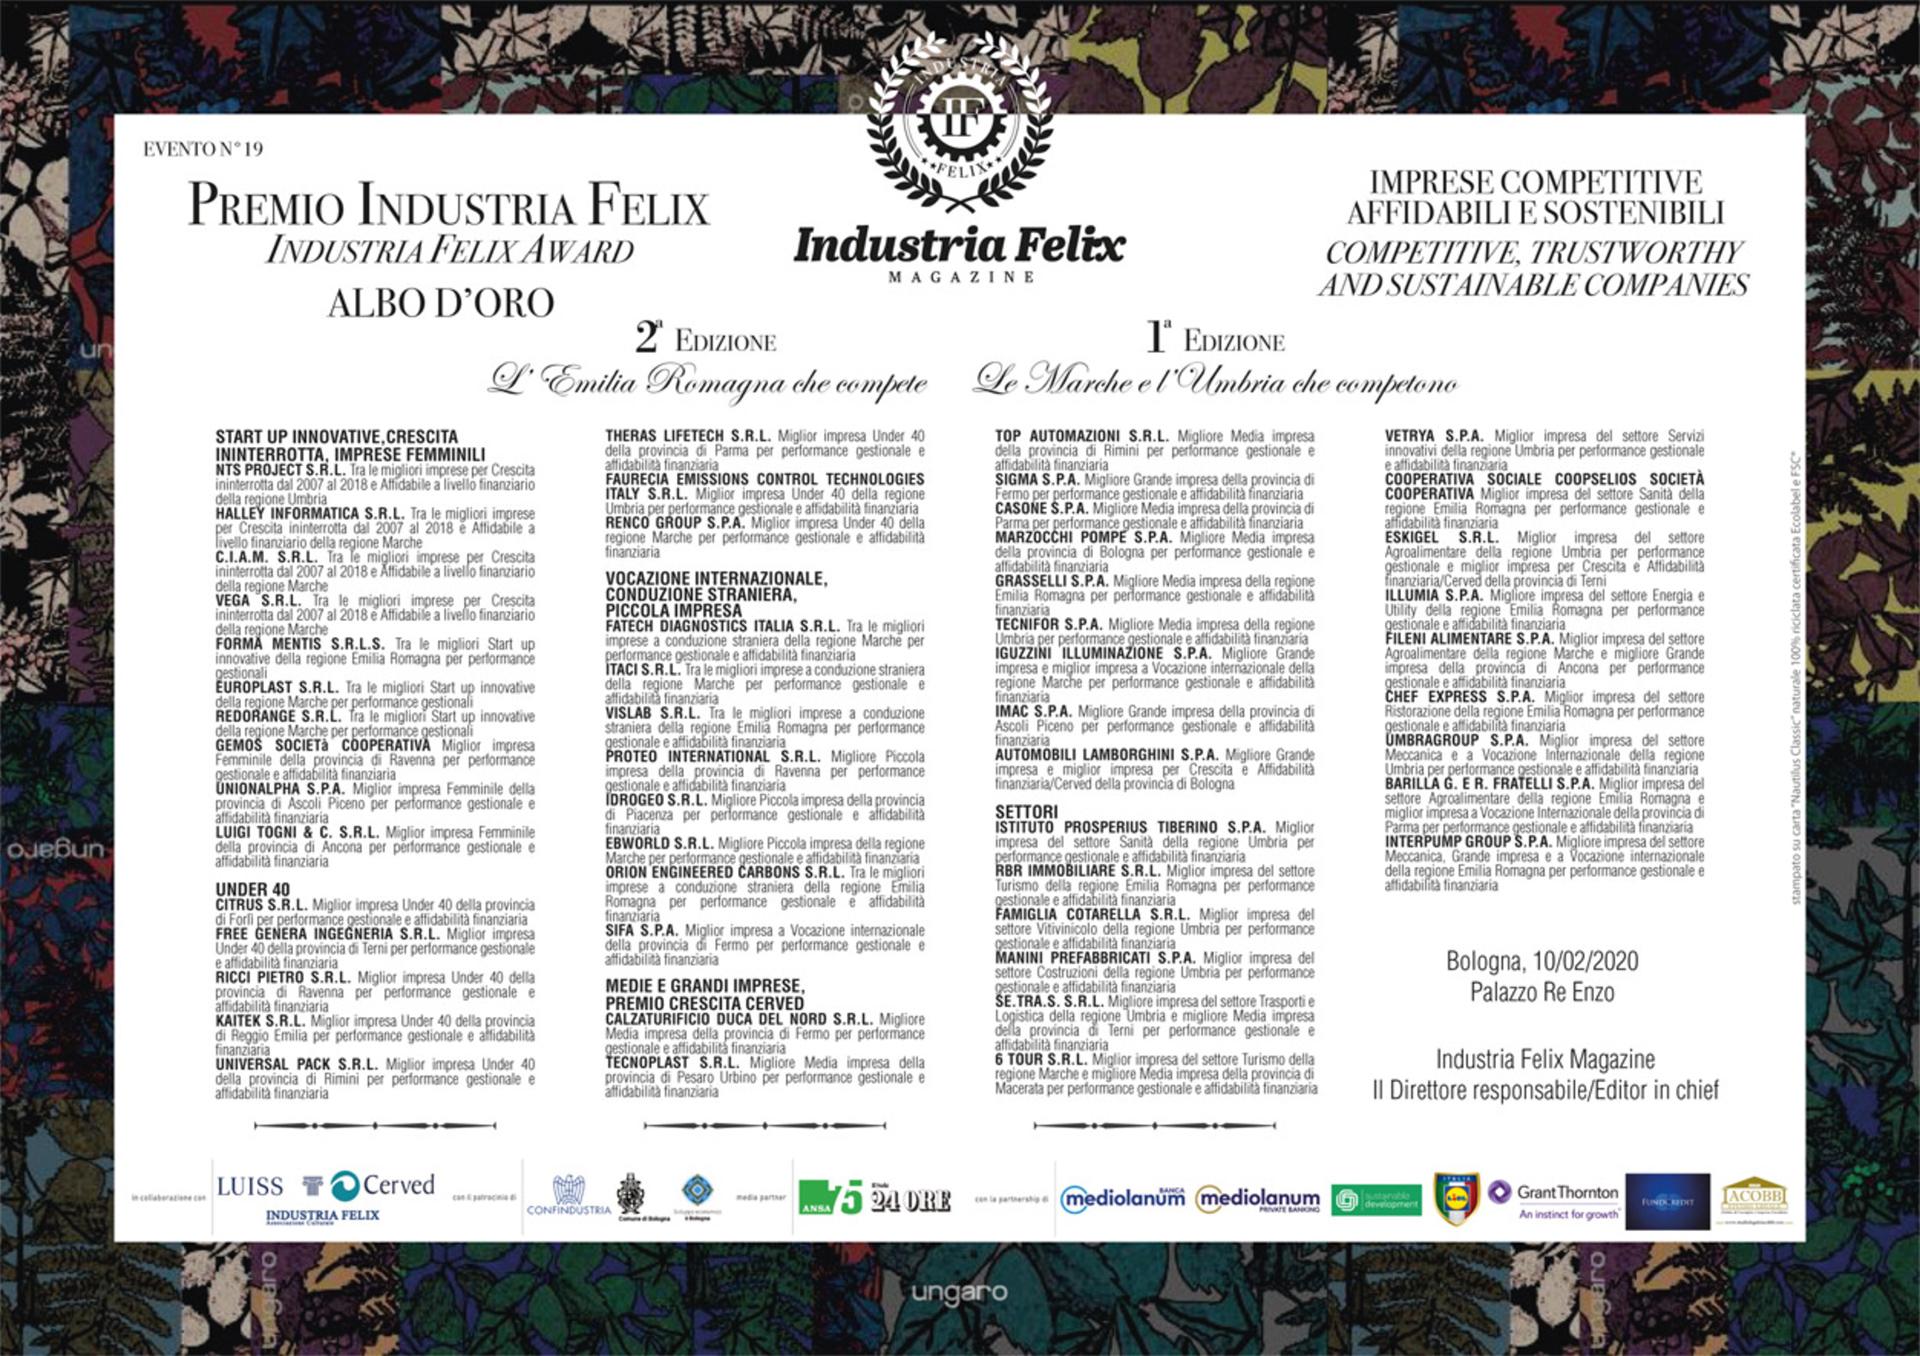 Albo d'oro Emilia Romagna, Marche e Umbria (Evento Bologna)